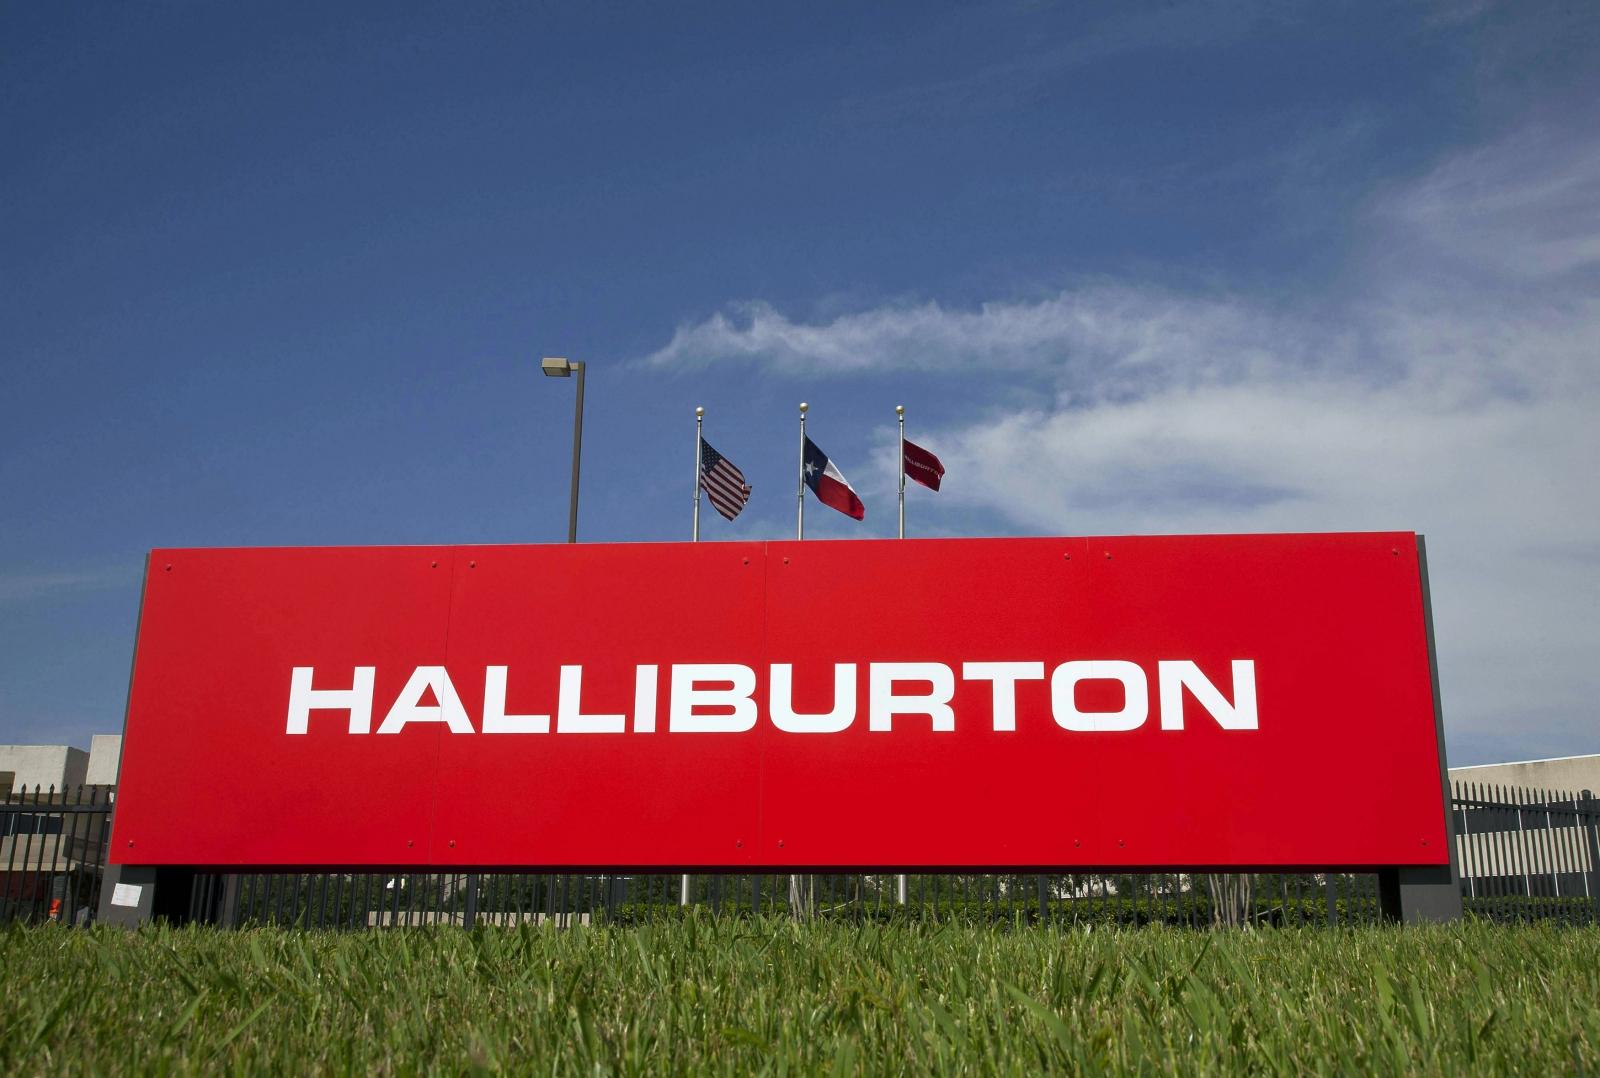 اعلان توظيف شركة halliburton العالمية حاسي مسعود halliburton-logo.jpg